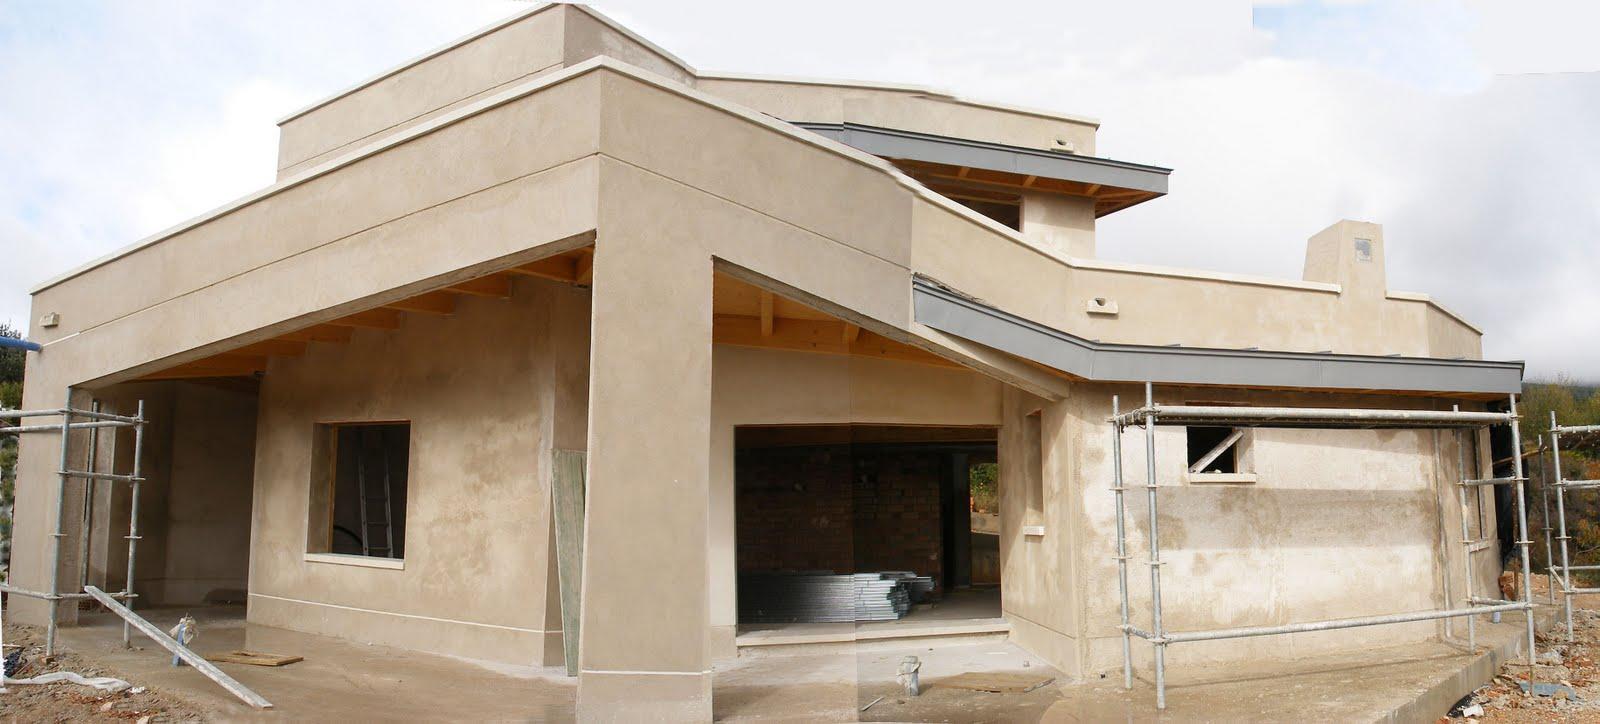 Construyendo la casa bioclim tica 12 construcci n 6b - Carpinteria casas ...